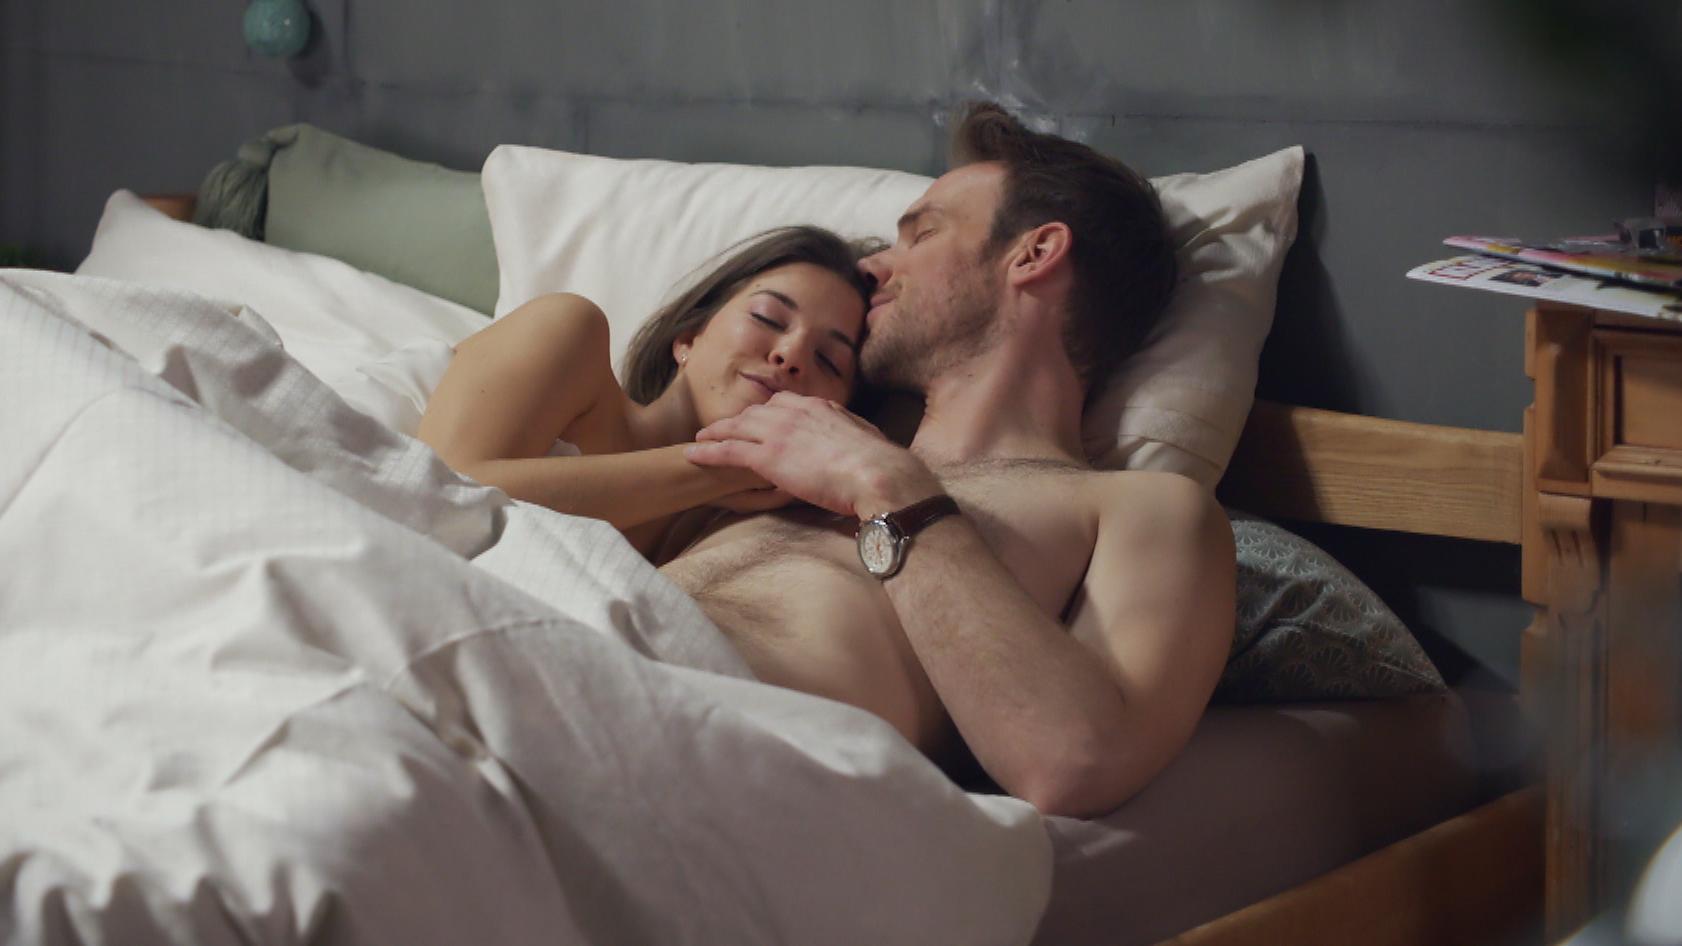 nackt zusammen liegen